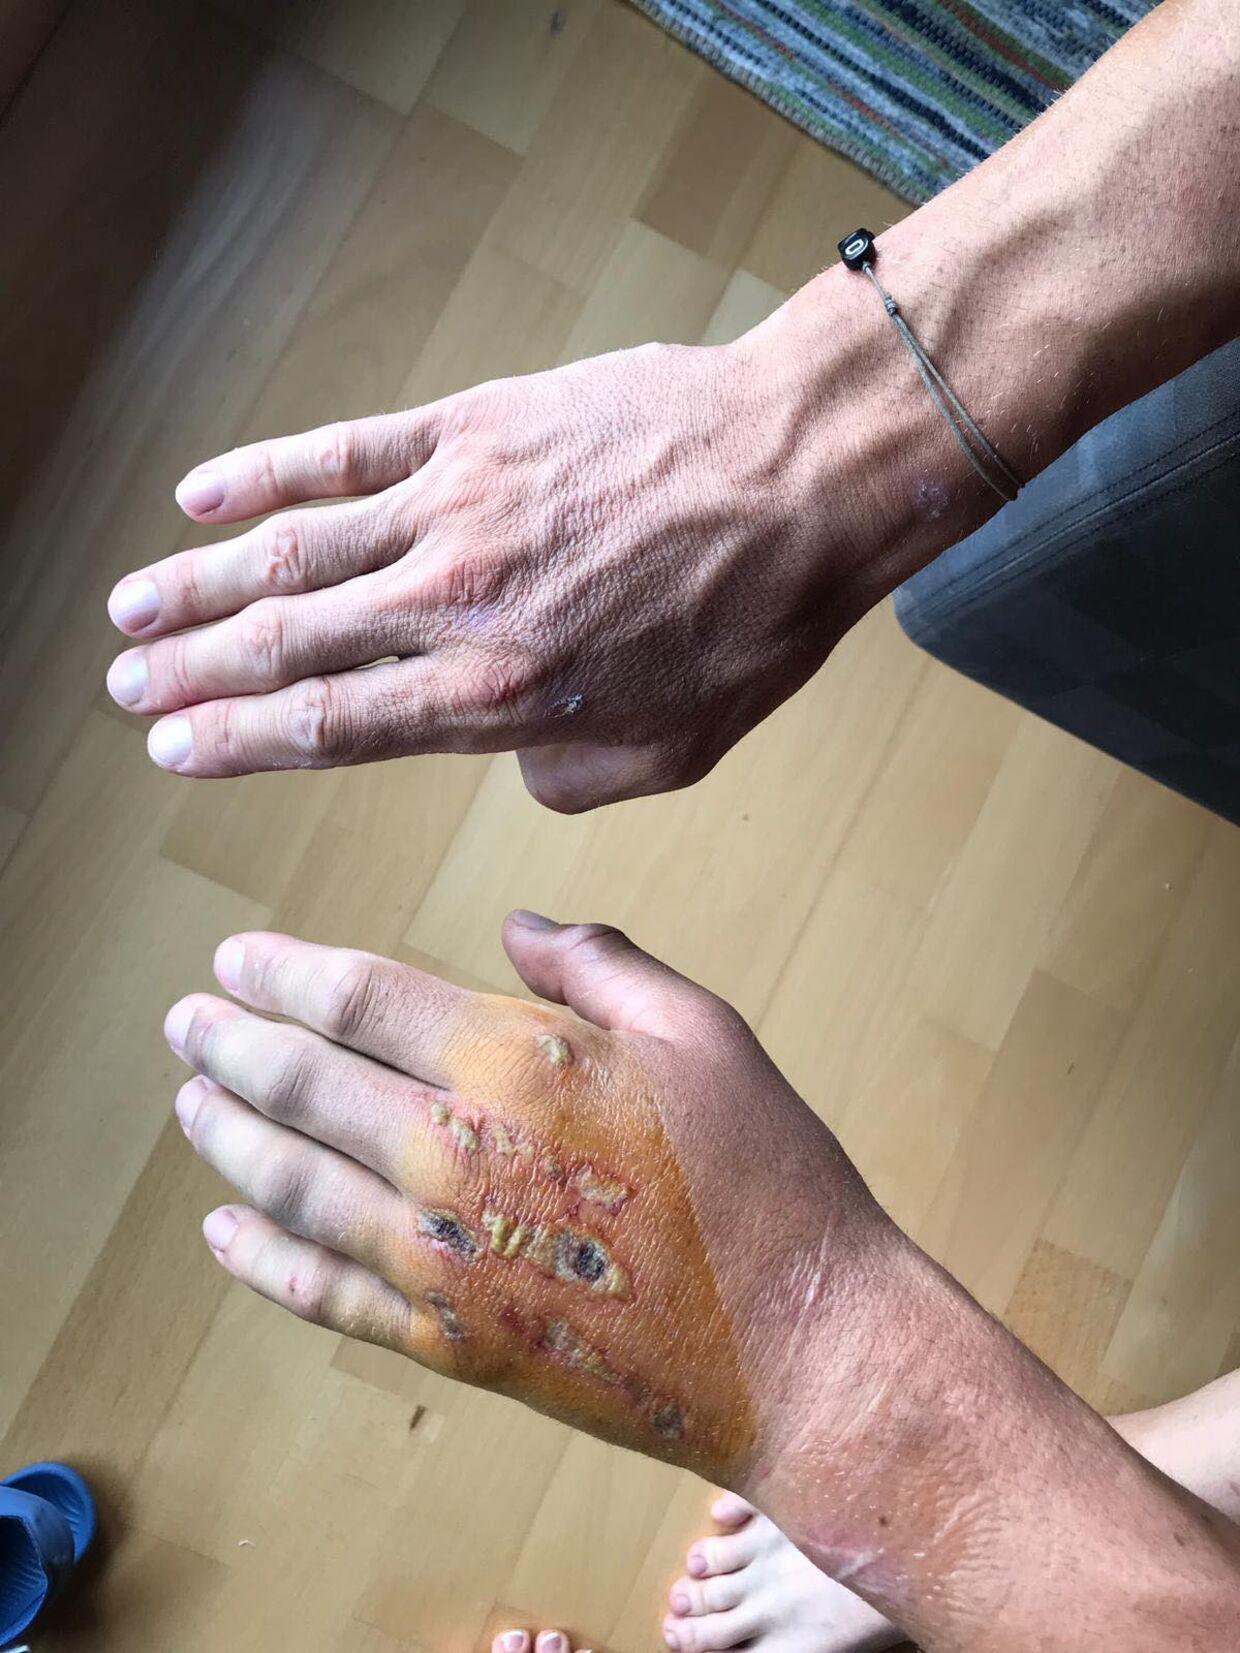 Sådan så Jakob Fuglsangs forslåede hånd ud fredag den 26. juli. Det var, tre dage efter han styrtede.